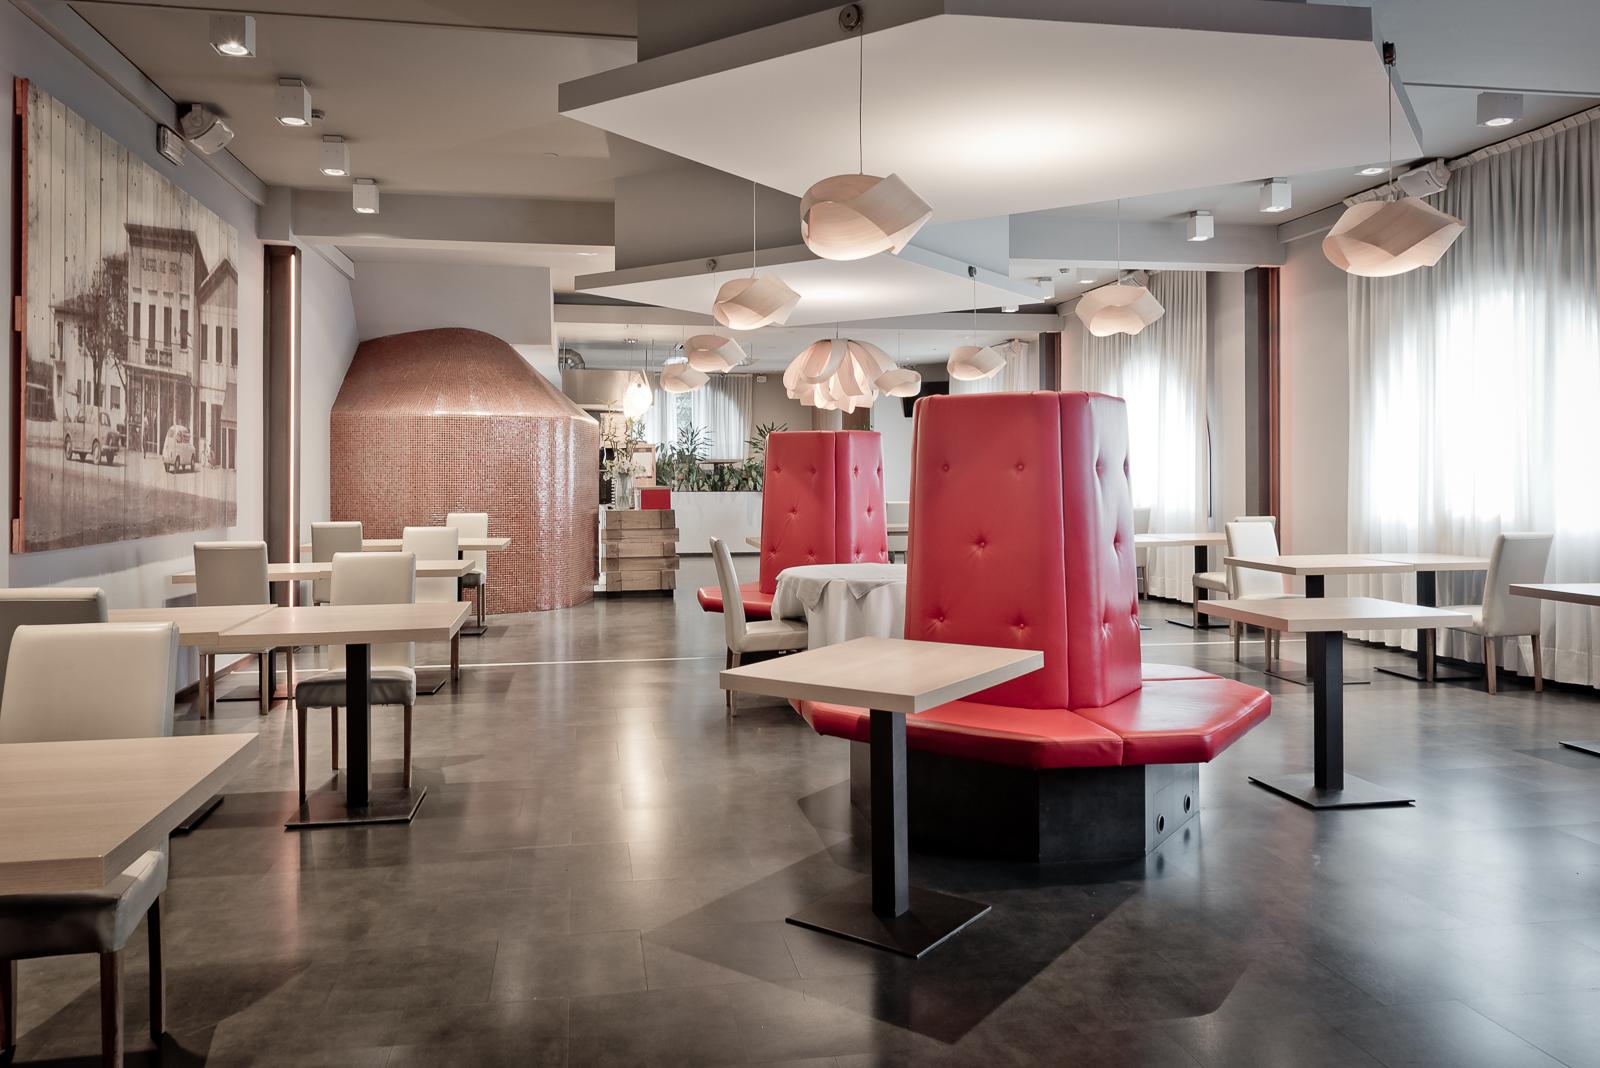 Ampi Spazi Faville ristorante pizzeria a Treviso